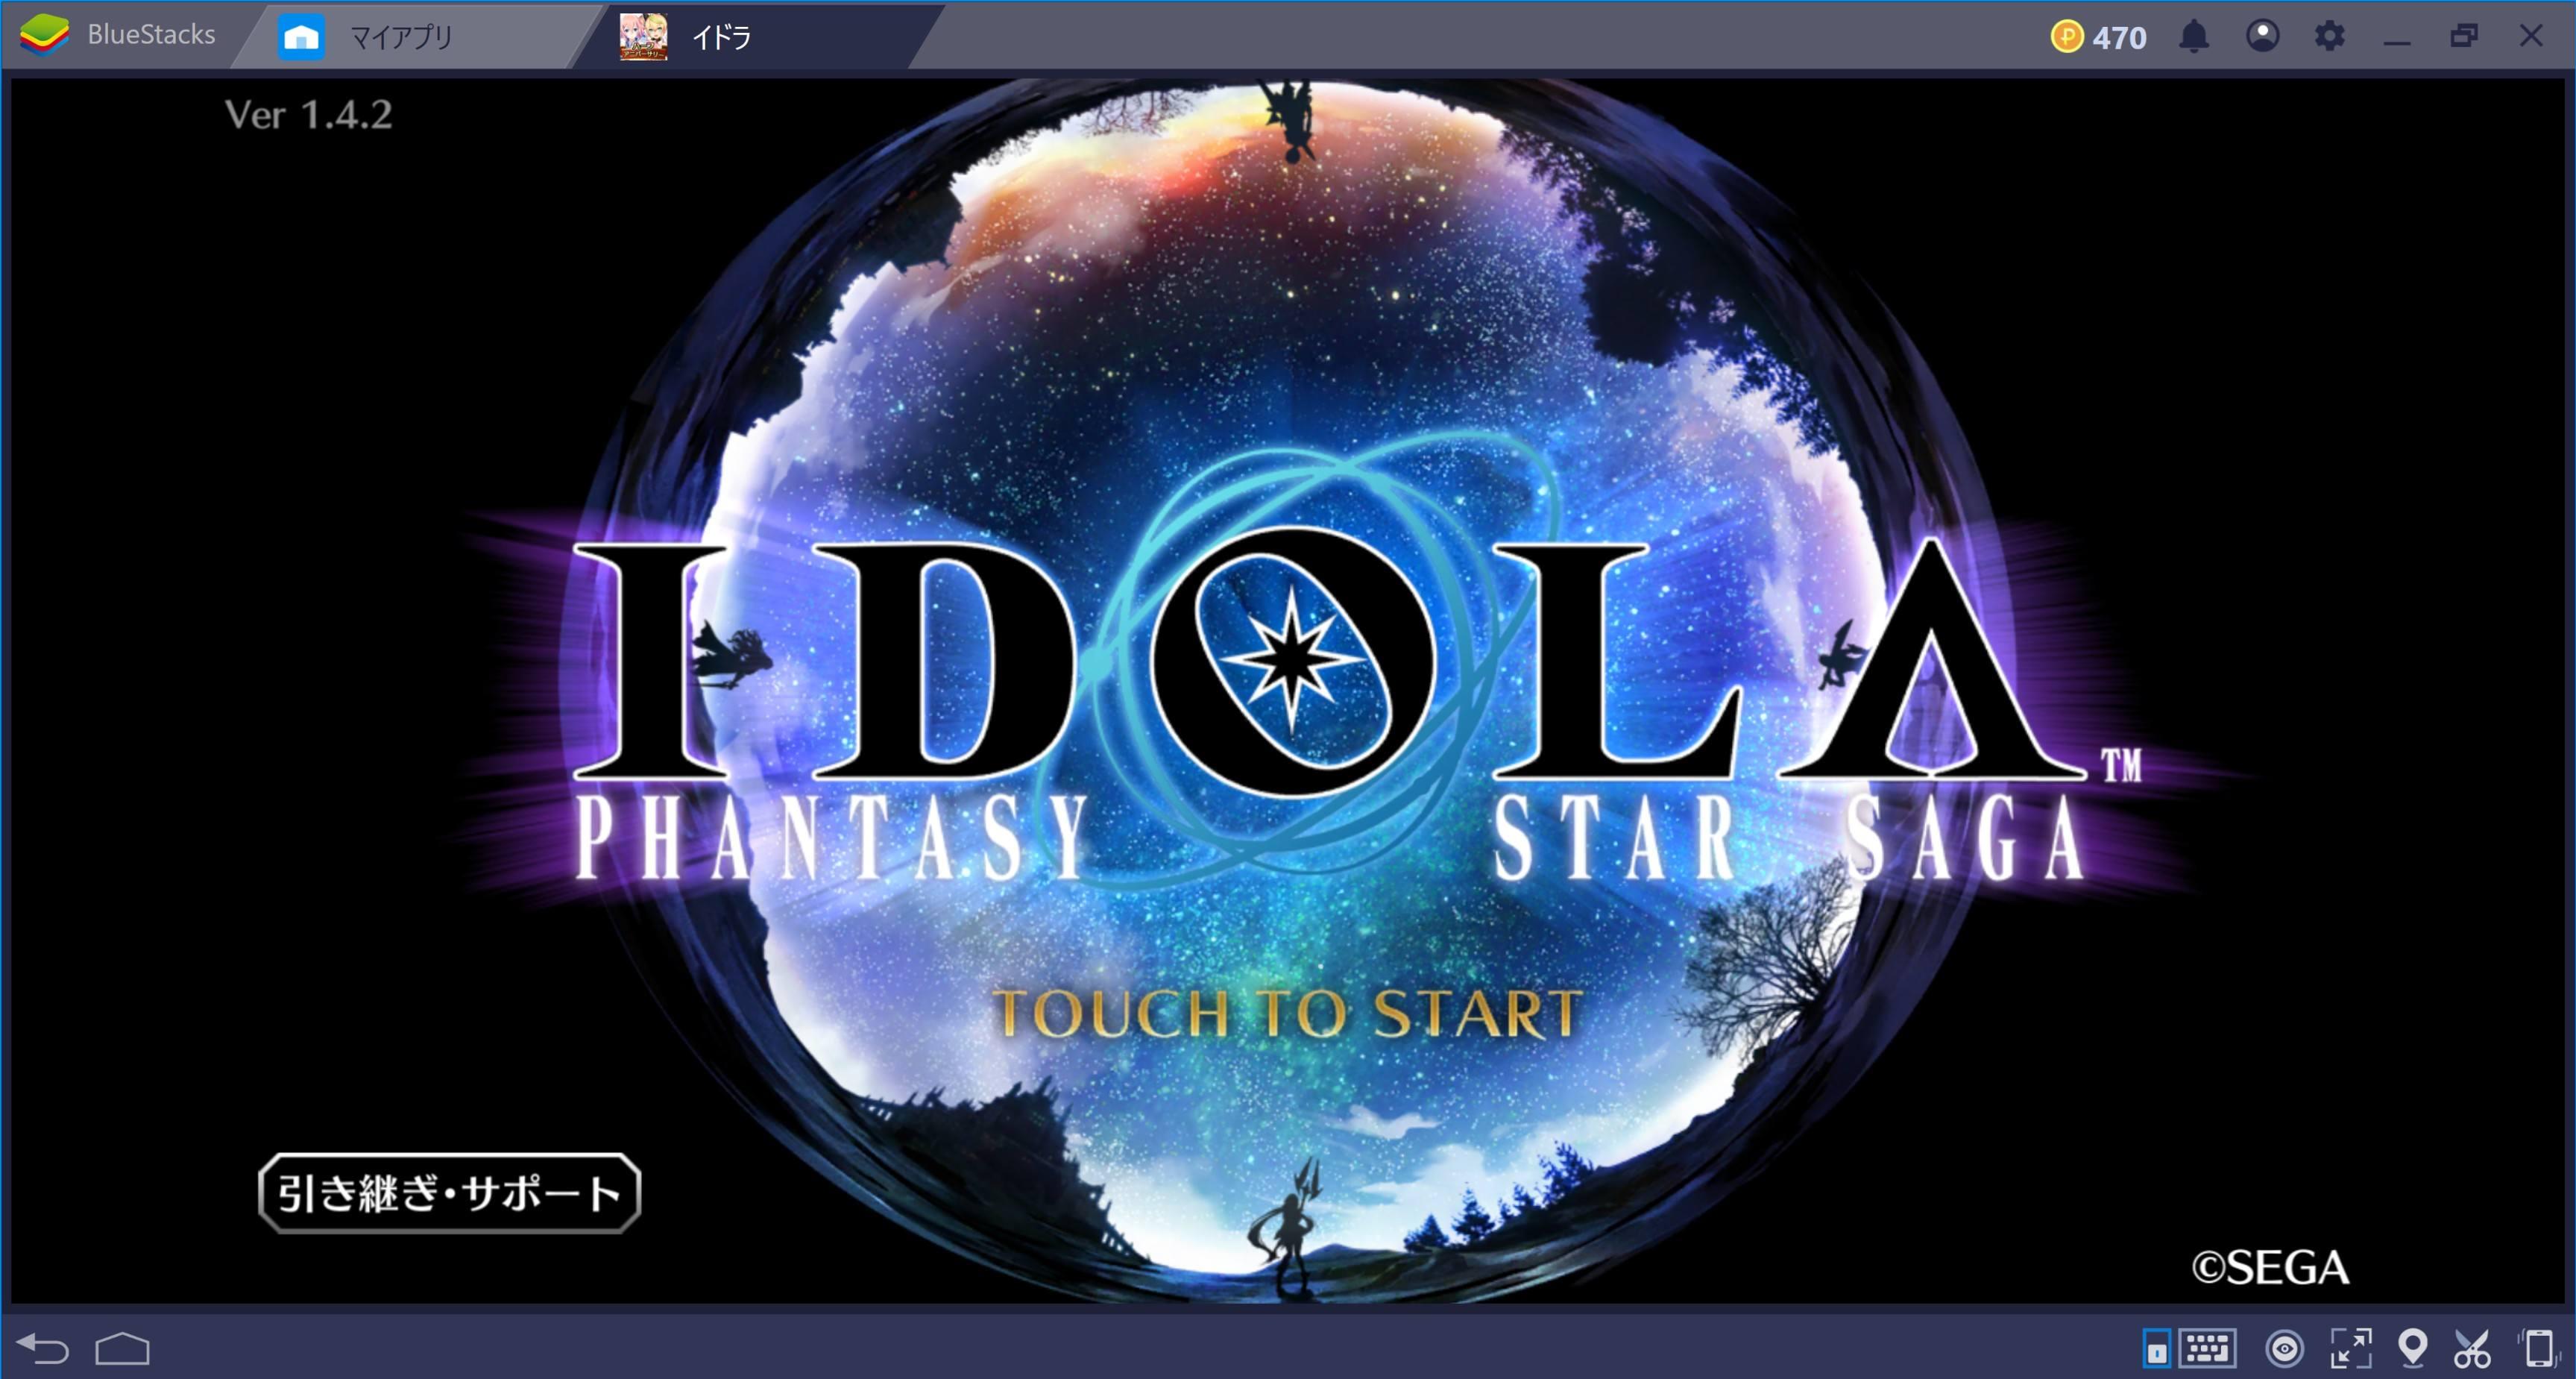 BlueStacksを使ってPCで『イドラ ファンタシースターサーガ』を遊ぼう